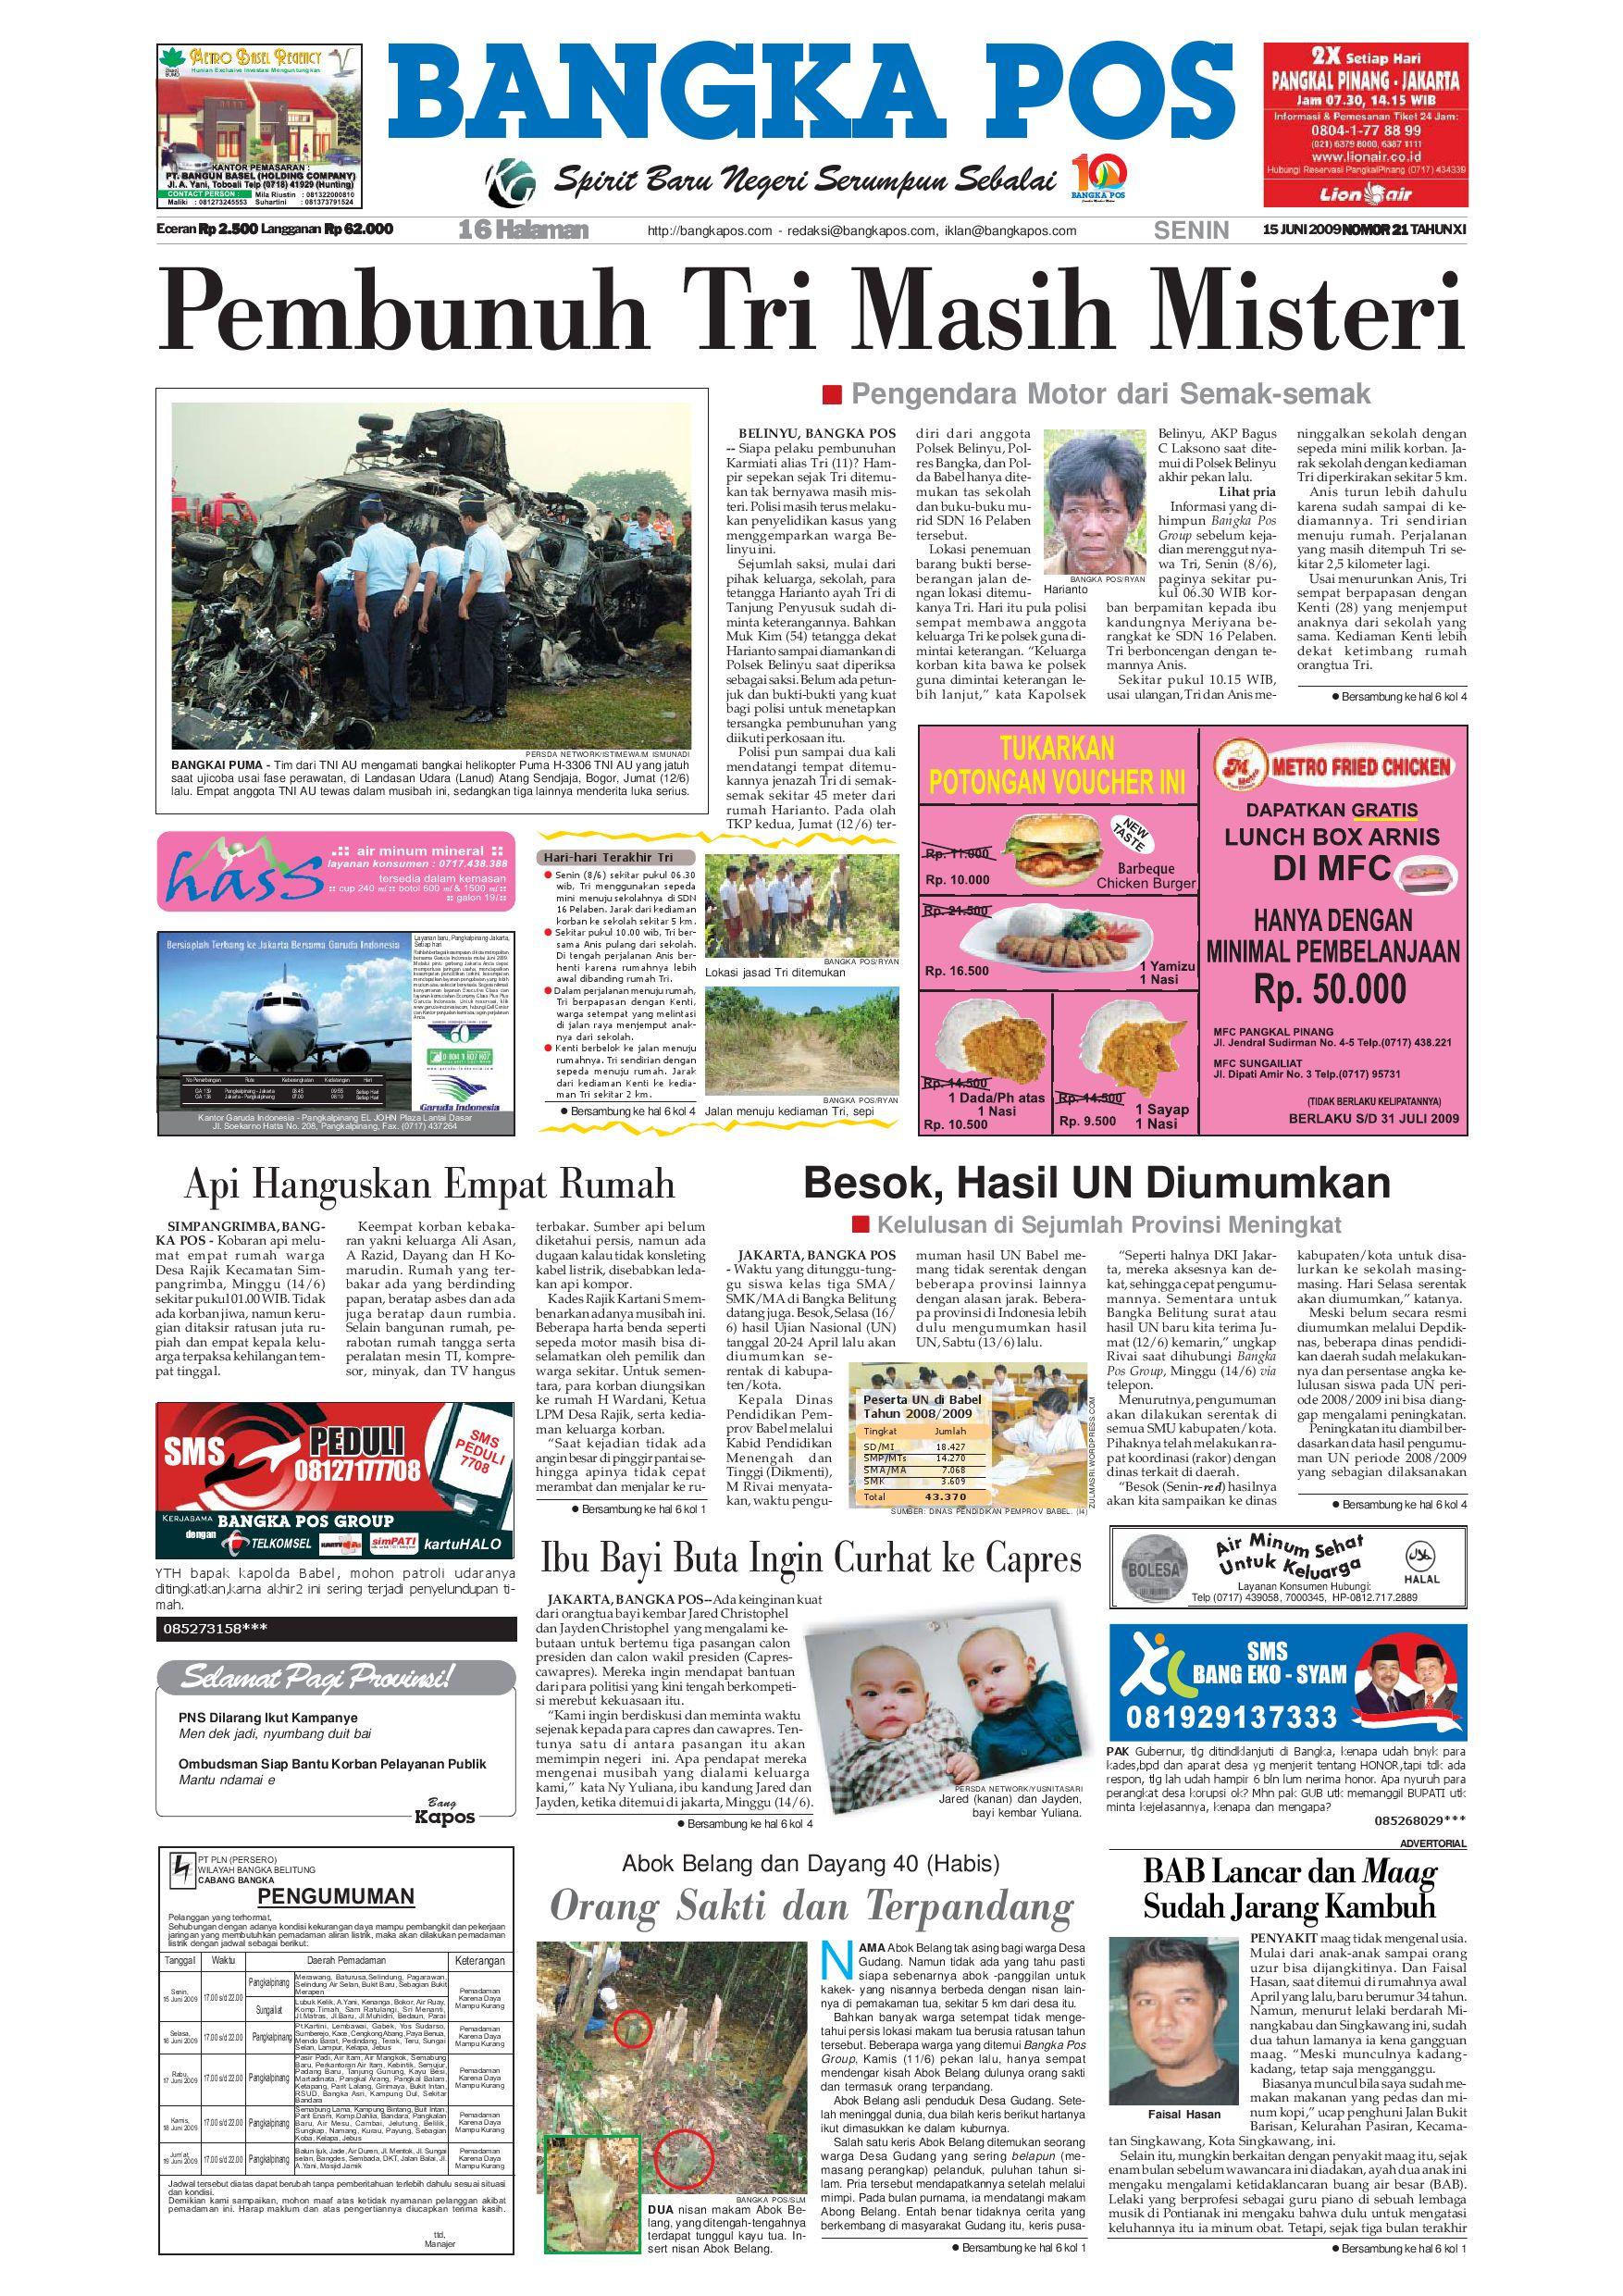 harian pagi bangka pos edisi 15 juni 2009 by bangka pos issuu